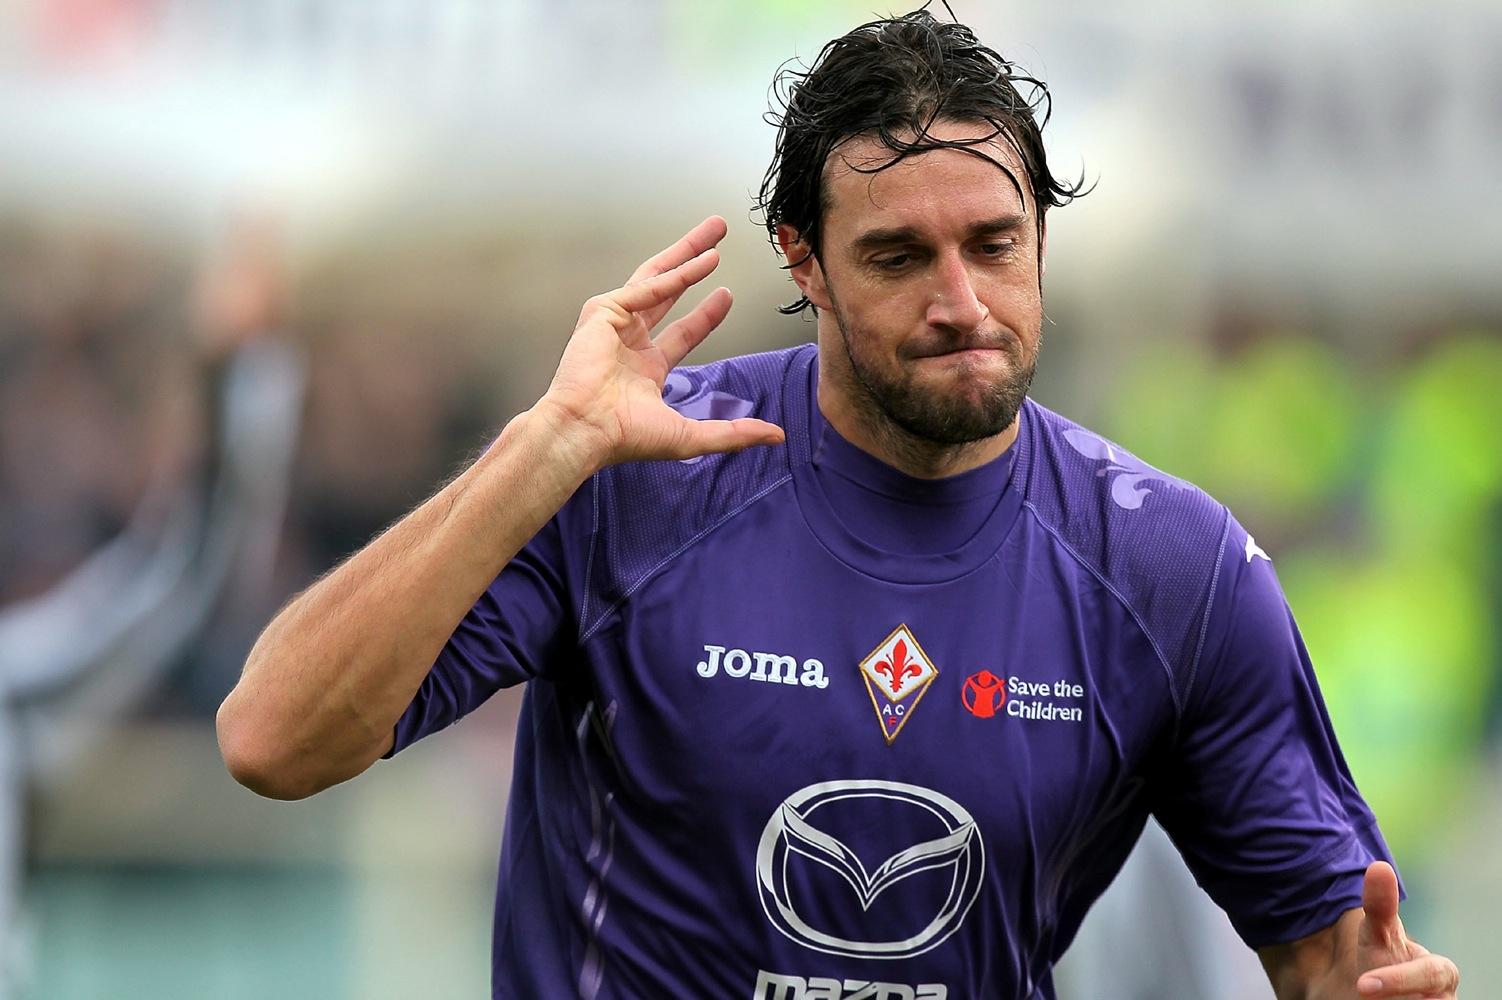 """Sentite Toni: """"La Fiorentina mi disse di smettere, rifiutai. Firenze la città più bella della mia carriera…"""""""